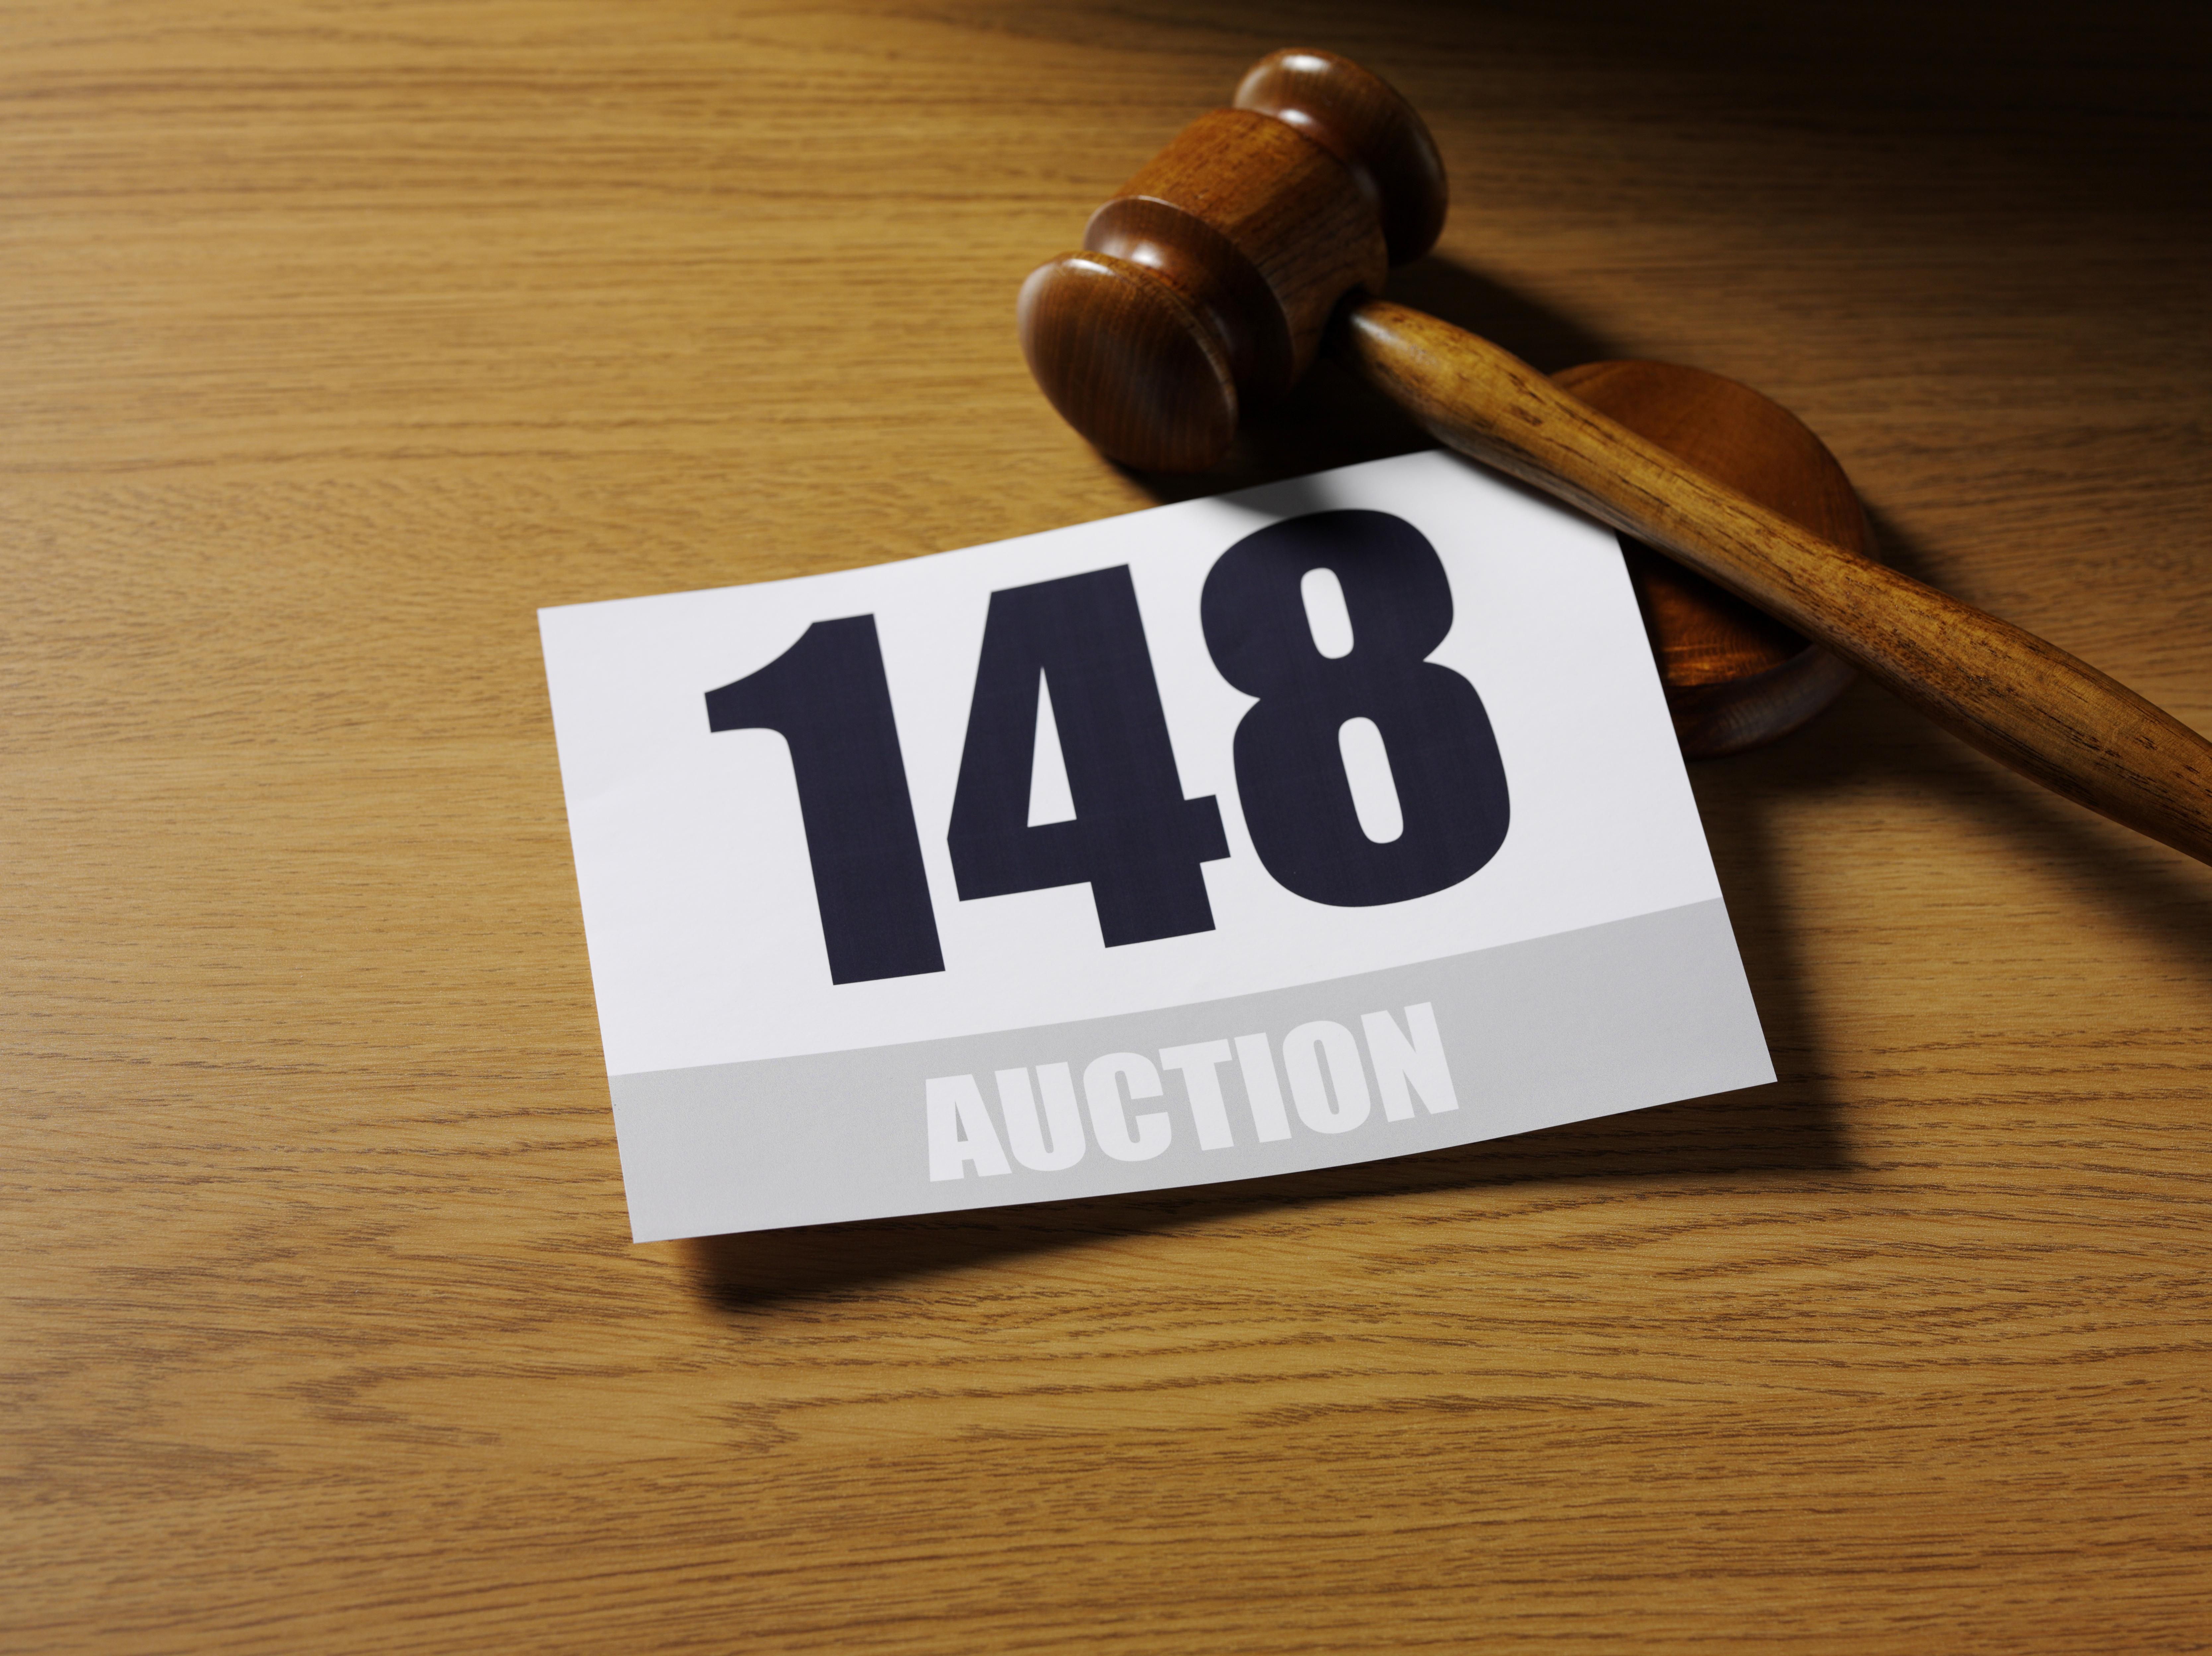 Auction4